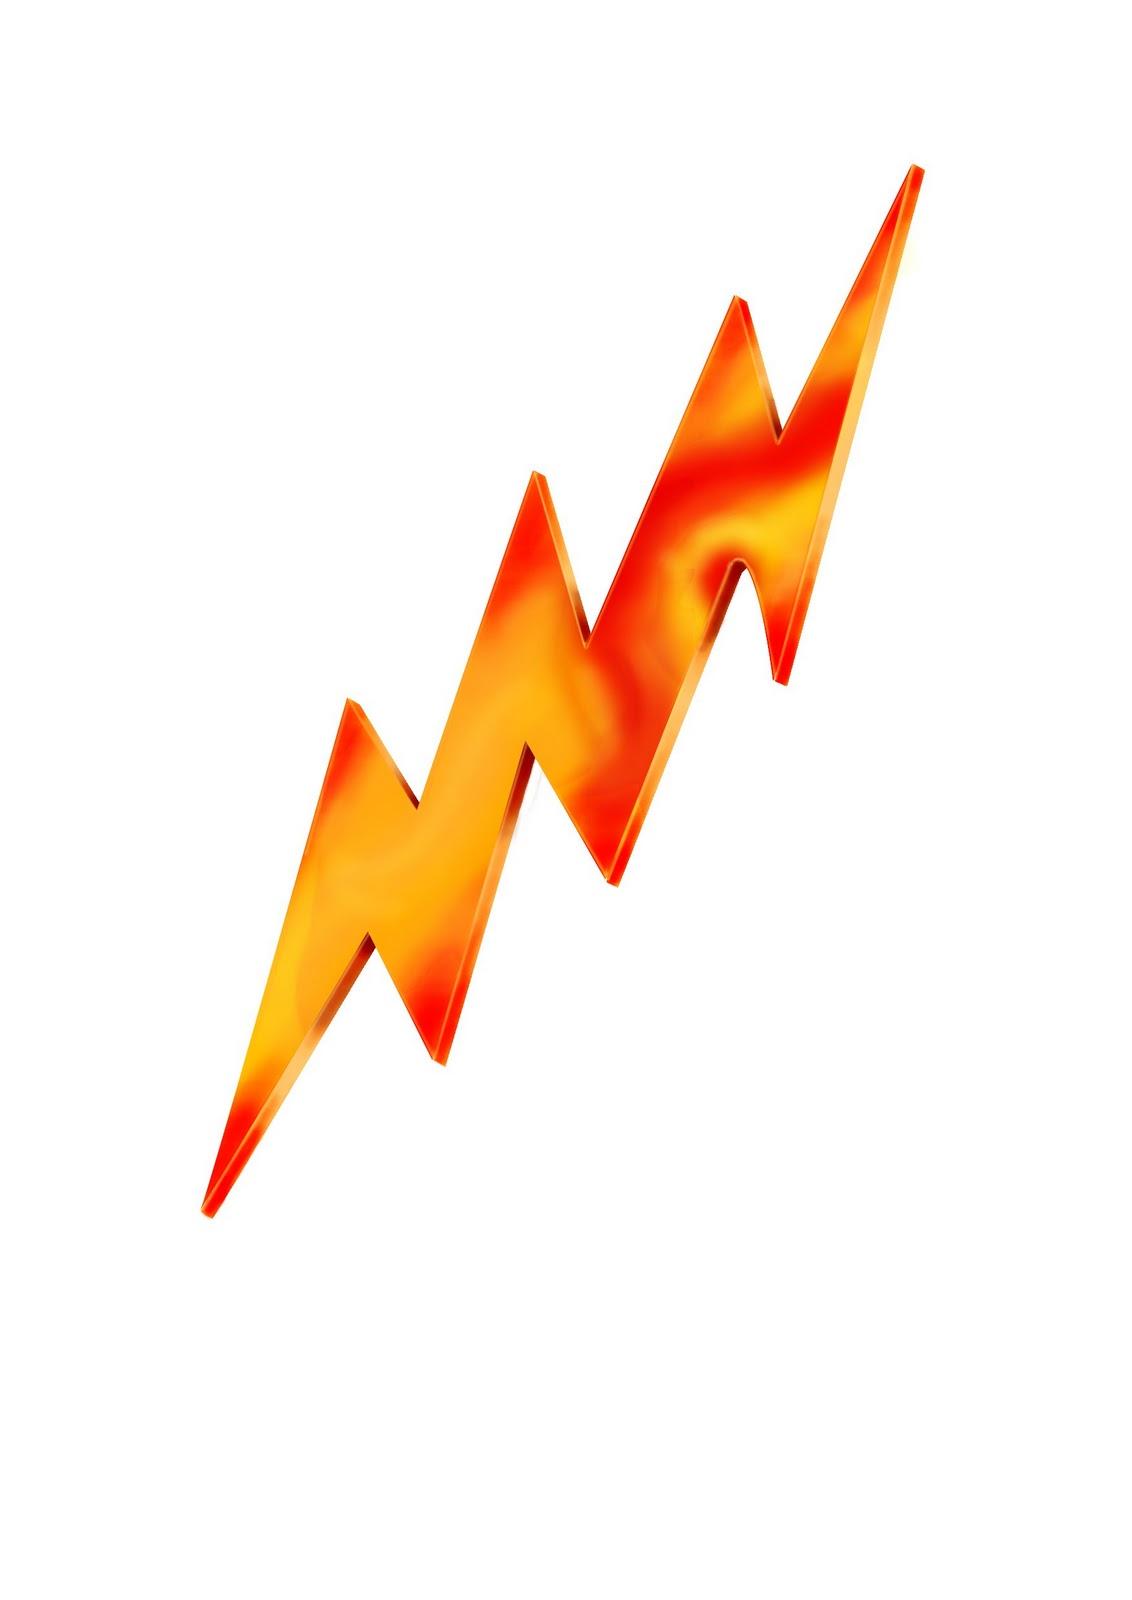 Similiar A Lightning Bolt As An S Keywords.